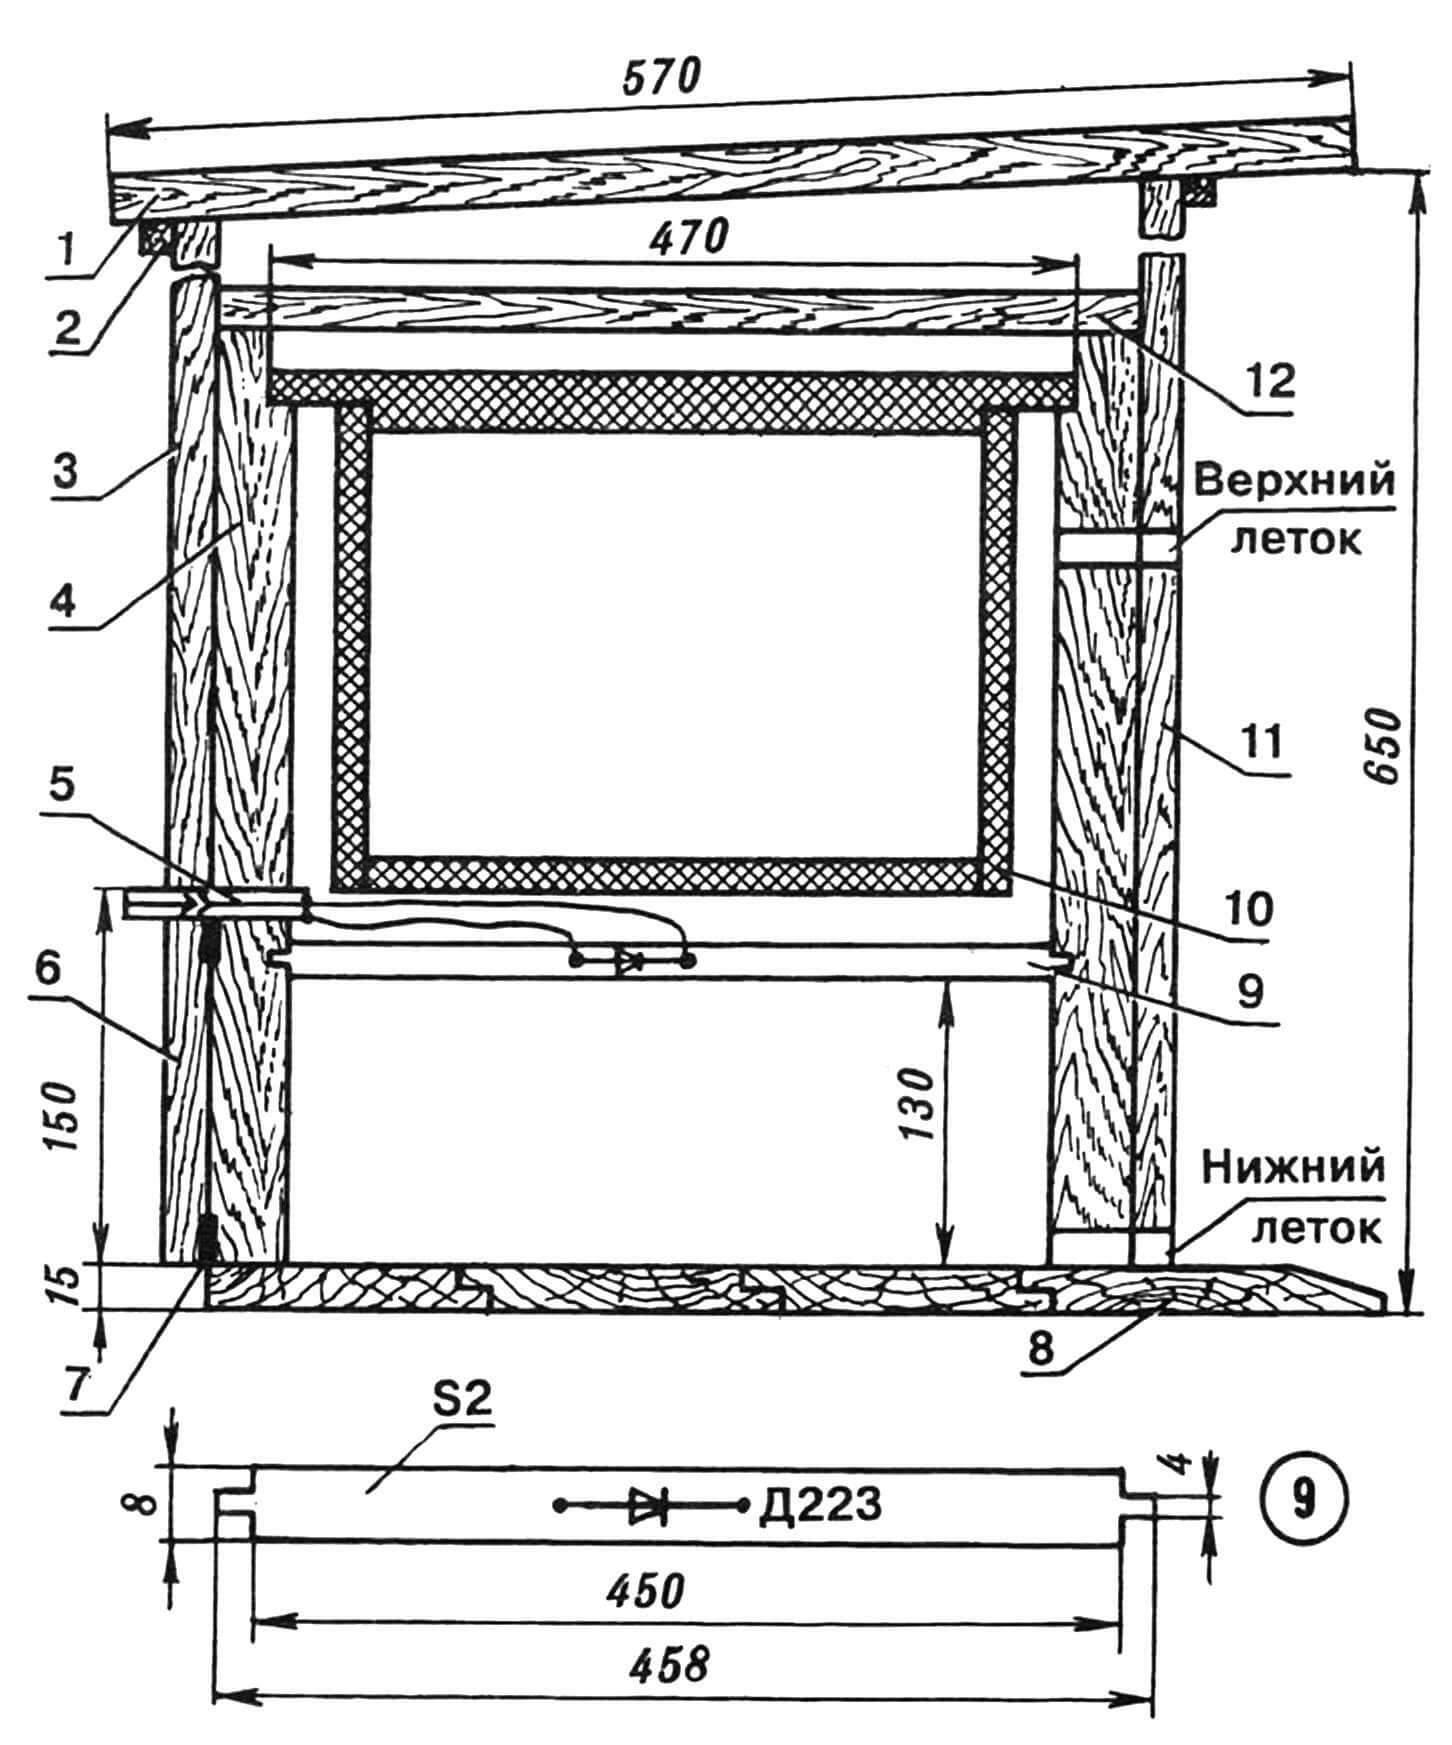 Пчелиный улей (вариант)с размещенным в нем термодатчиком: 1— крышка, 2 — поперечина, 3 — стенка задняя, 4 — корпус улья, 5 — электроразъем, 6 — дверца березовая (для удаления подмора), 7 — шарнир петлевой, 8 — дно, 9 — планка текстолитовая с полупроводниковым диодом-термодатчиком, 10 — рамка ульевая стандартная, 11 — стенка передняя, 12 — потолок.